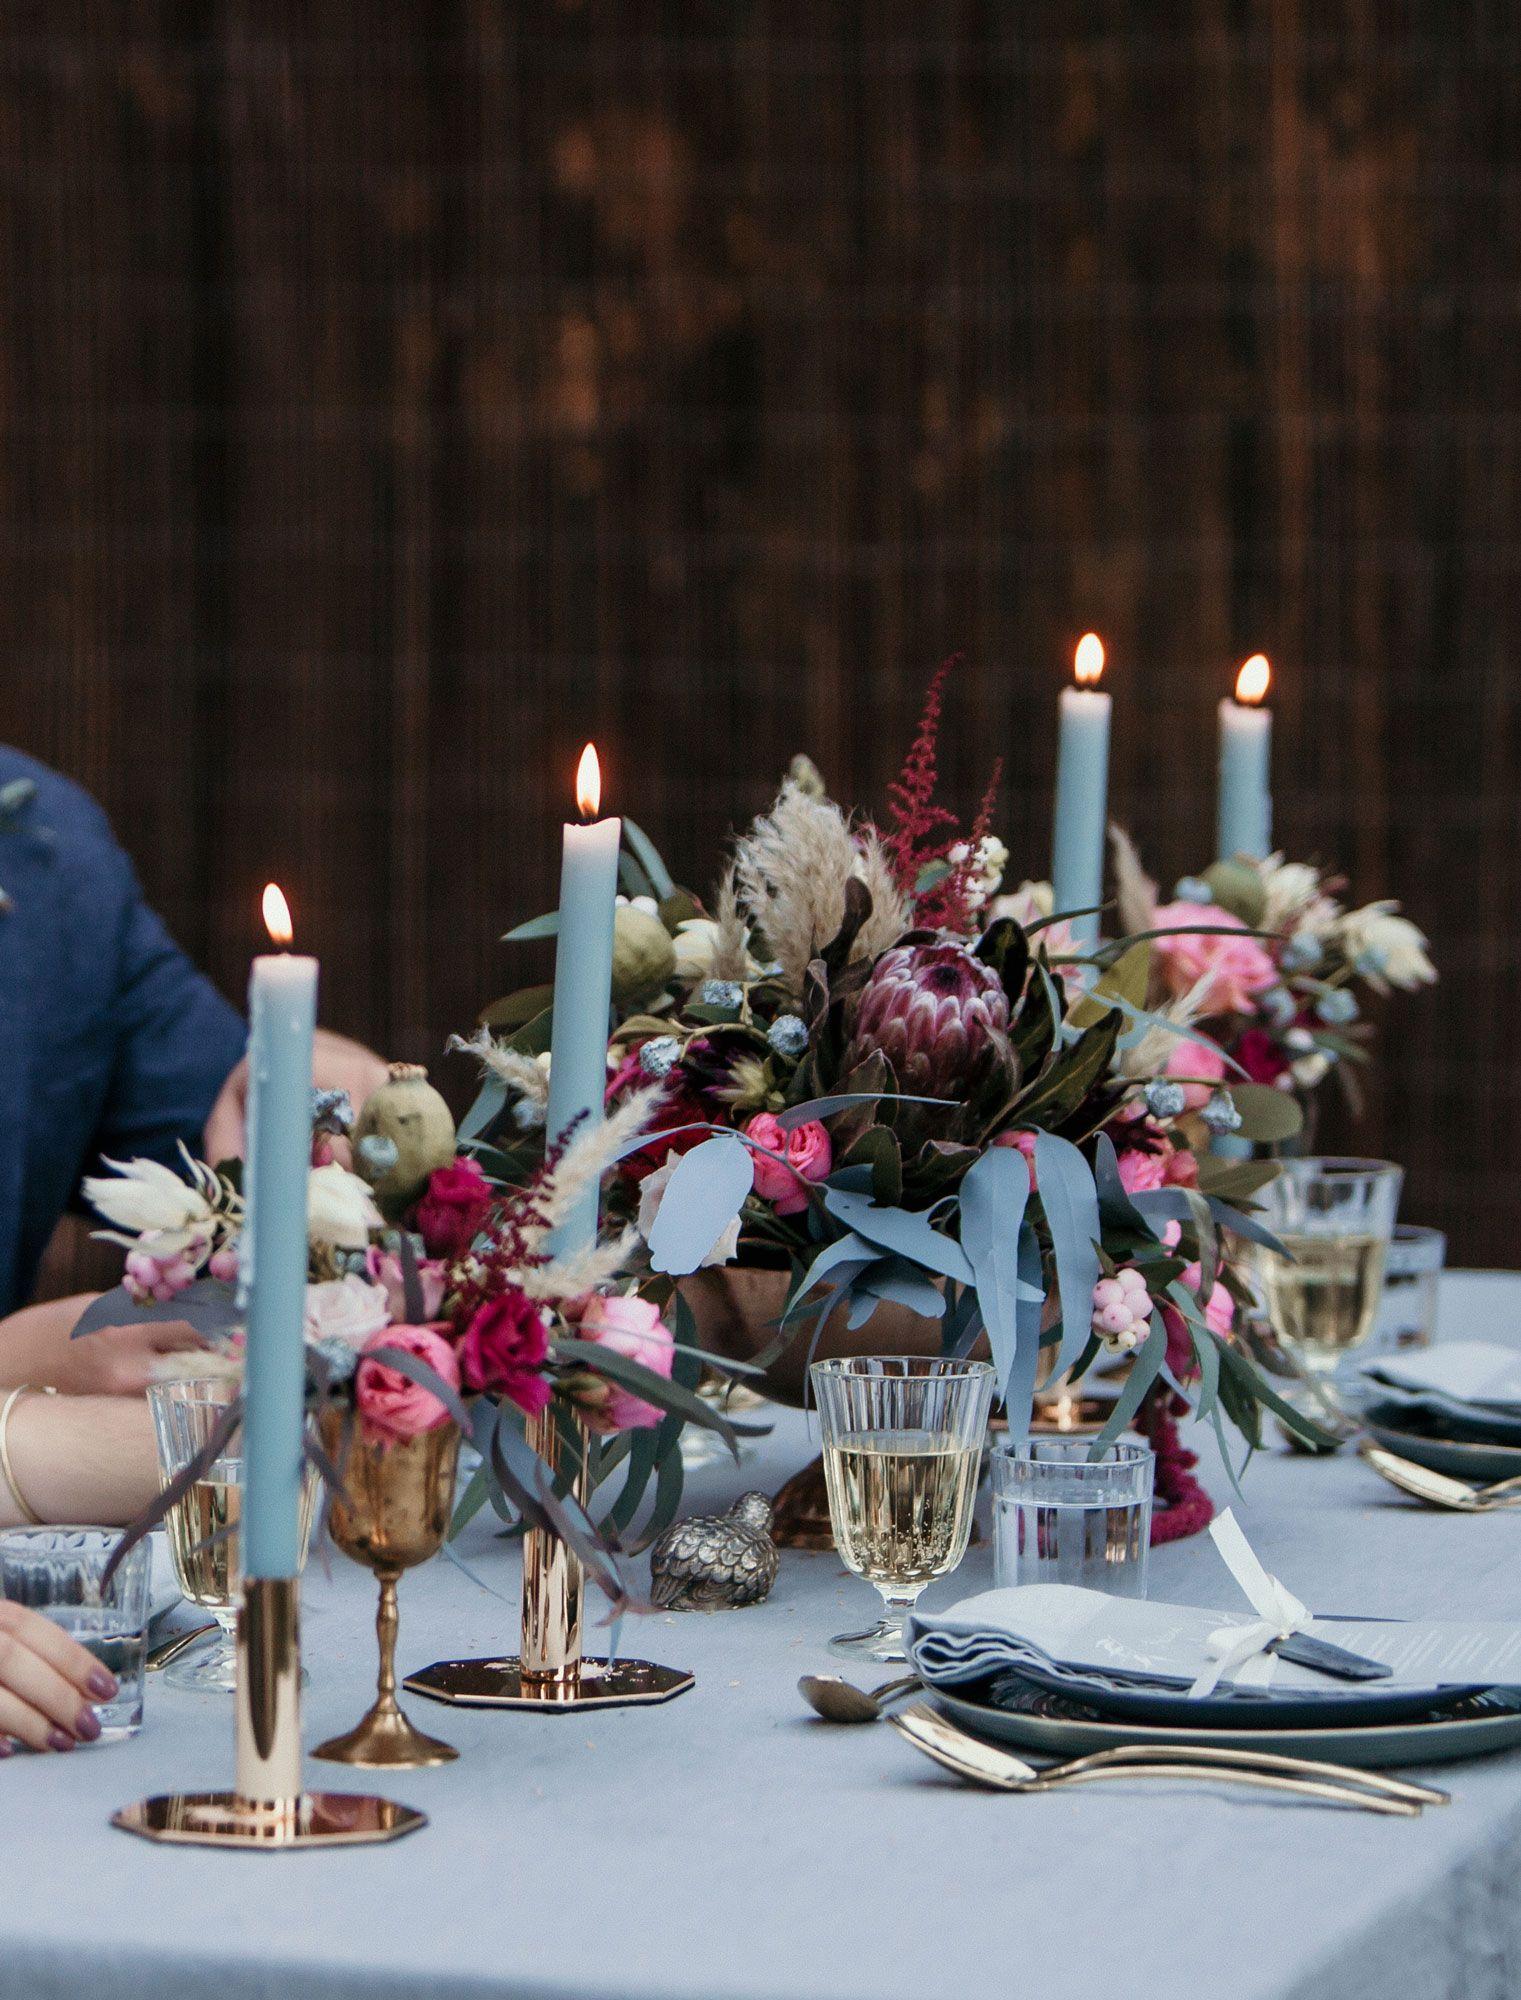 Bluemen Hochzeit Hochzeit Blumen Blumen Hochzeit Tischdeko Blumen